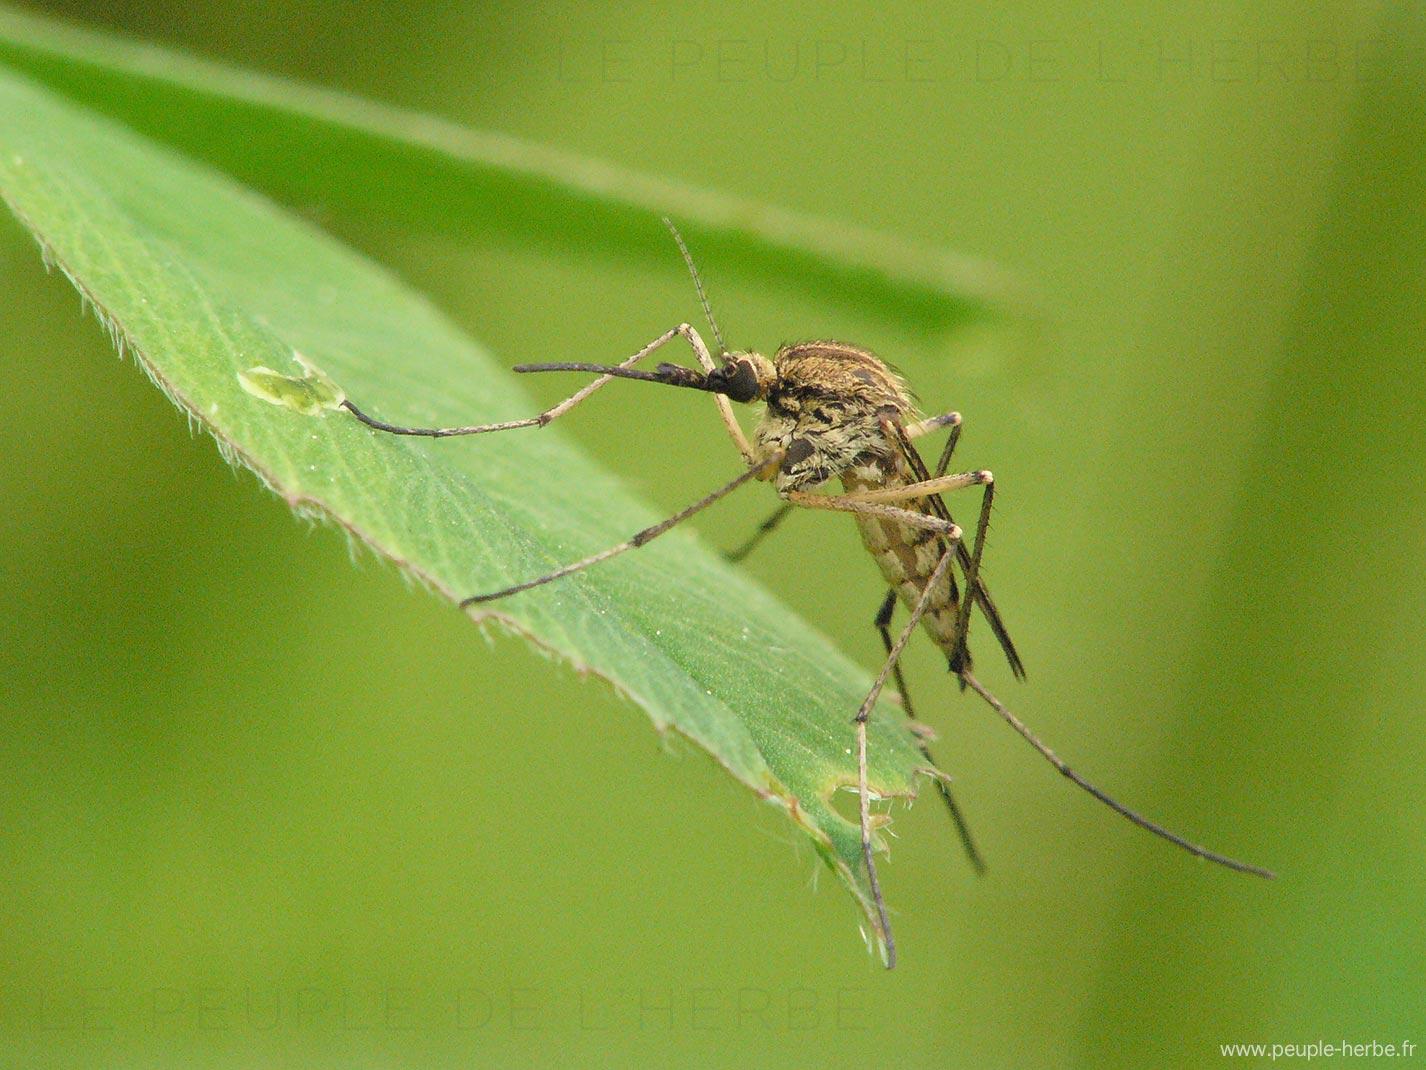 Moustique en macro